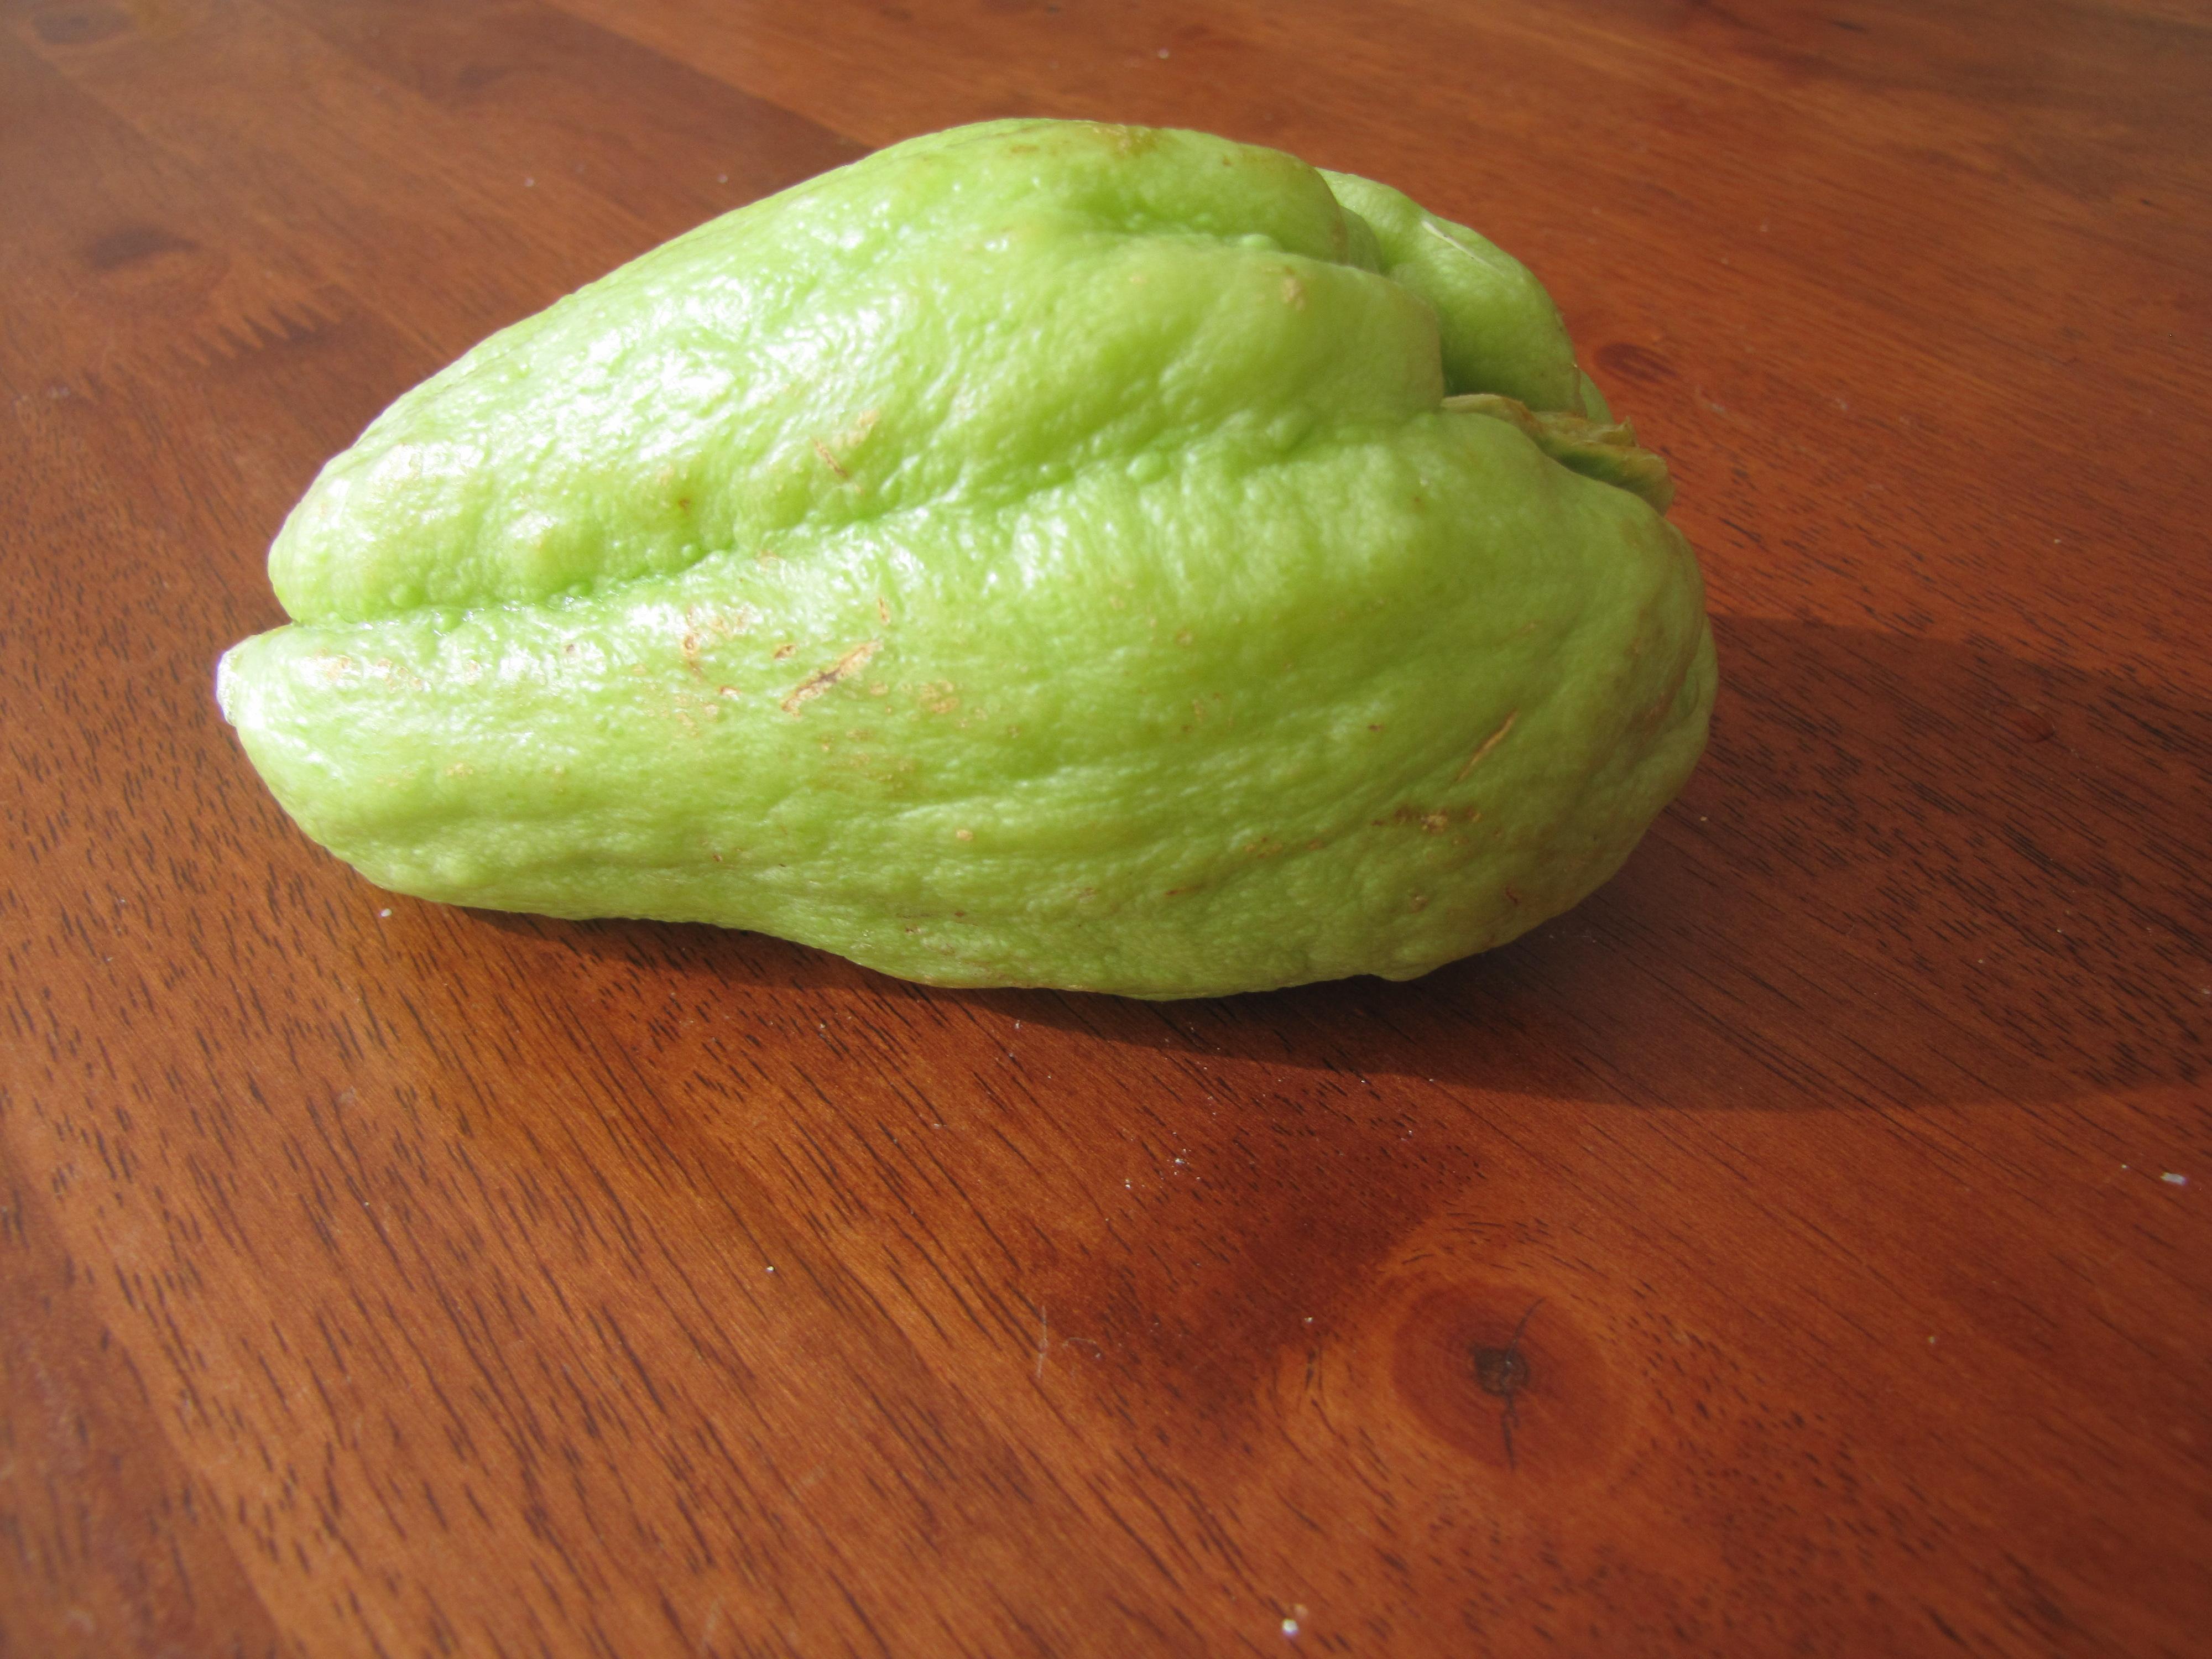 Weird Green Fruits 1